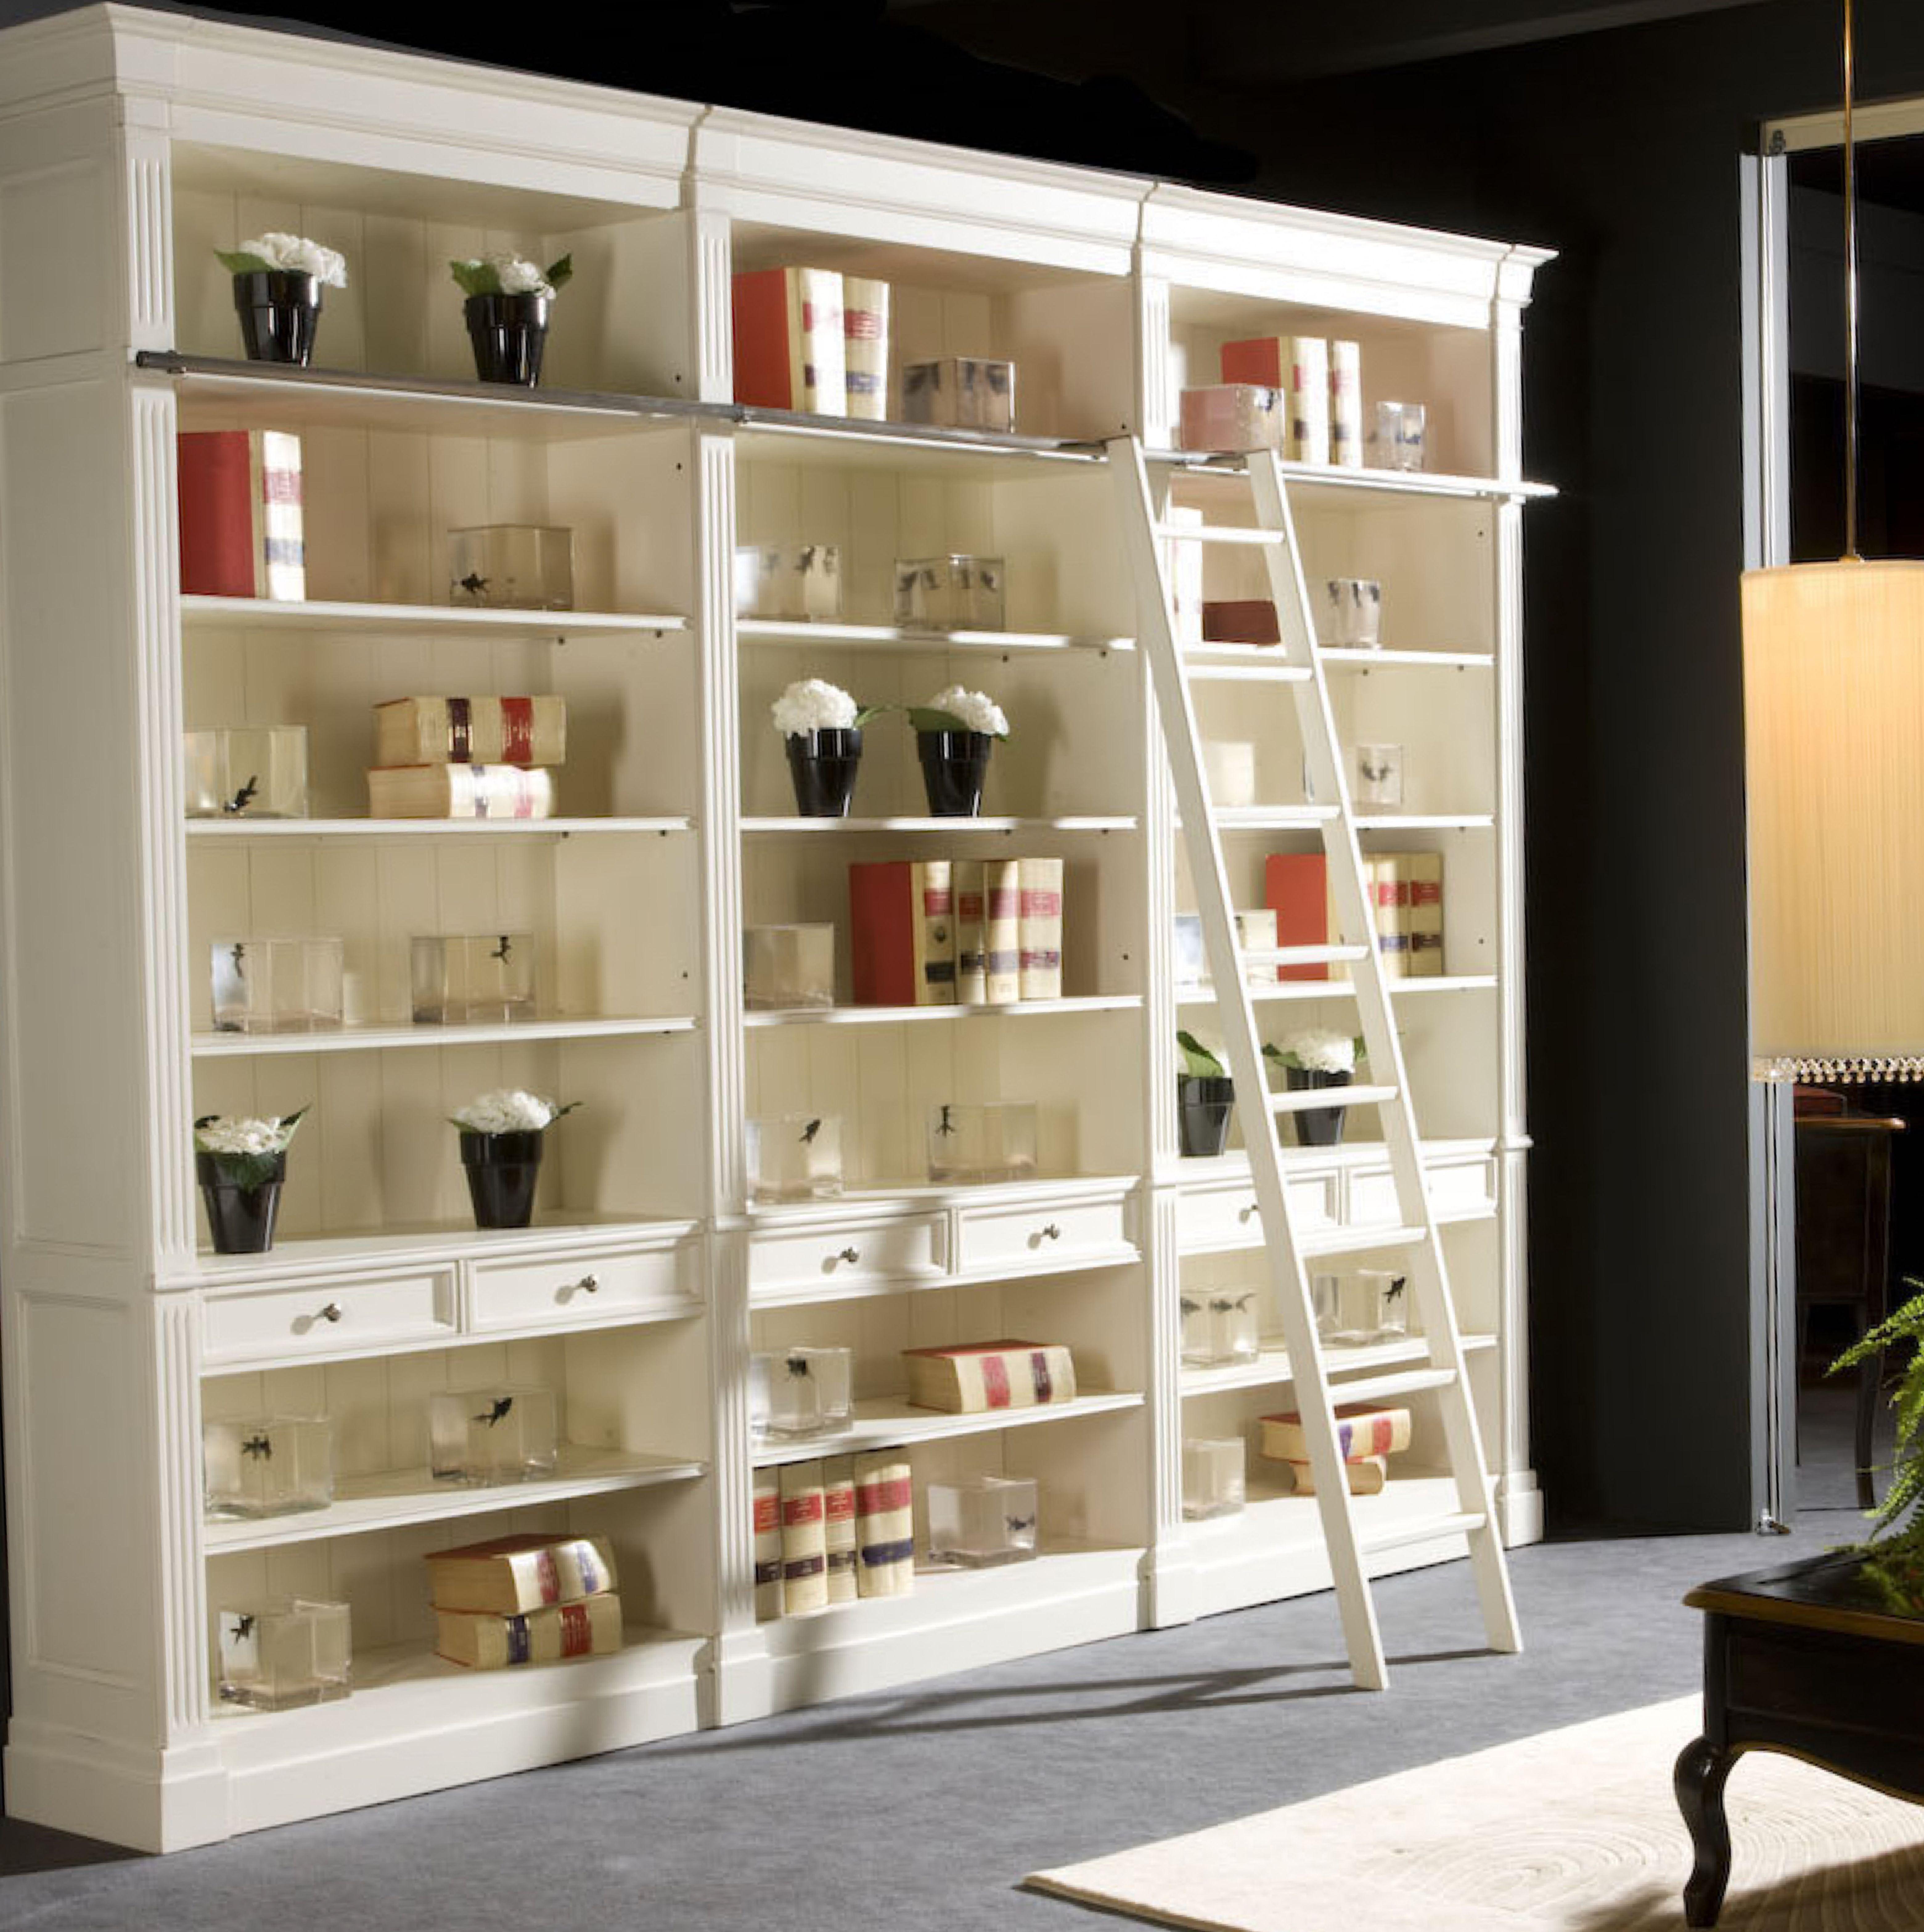 Libreria 45 estilo luis xvi composici n de estantes cajones estantes y altillo con escalera - Estante con cajon ...